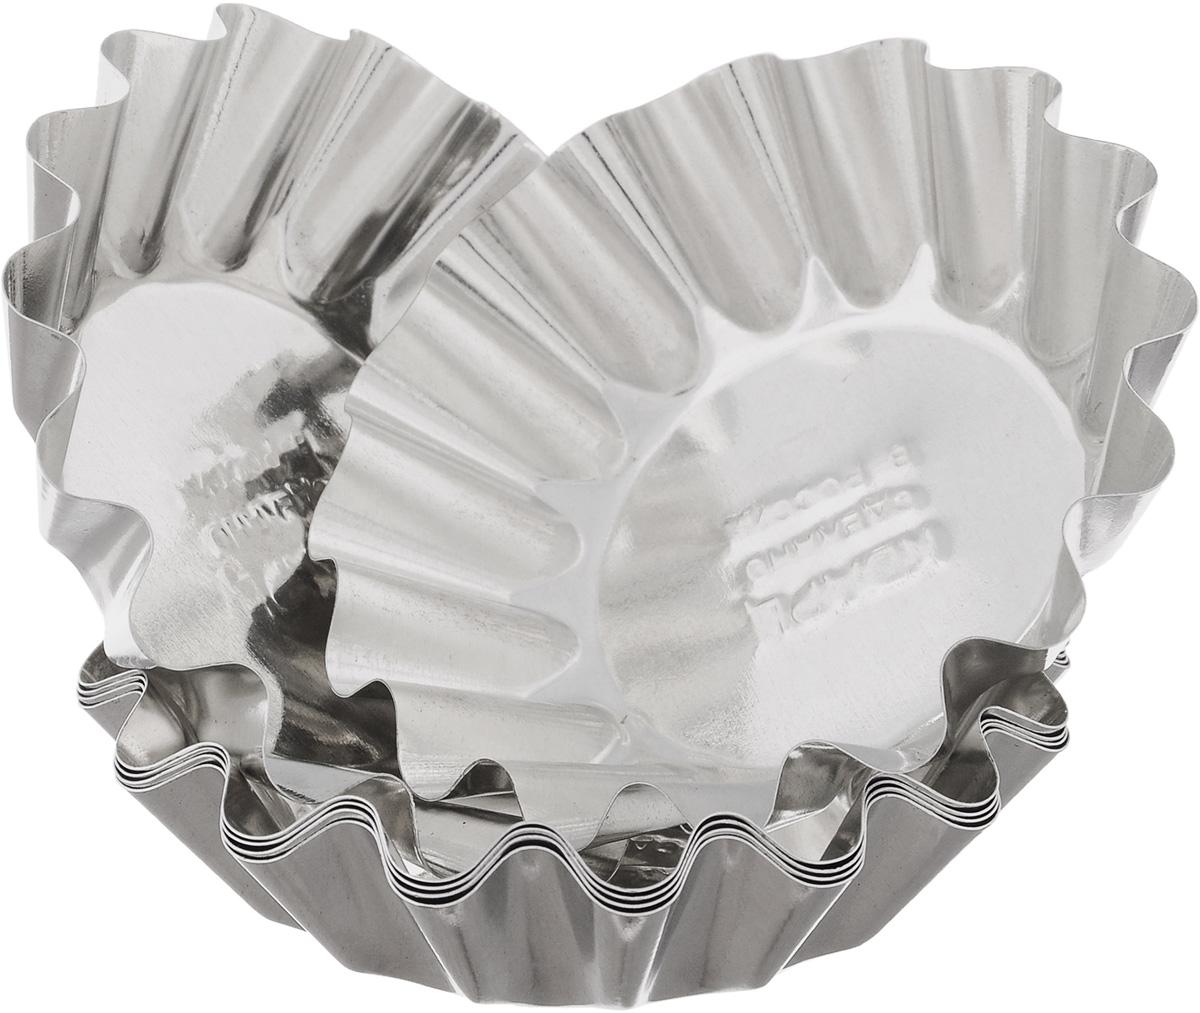 Набор форм для выпечки Кварц, диаметр 8,3 см, 6 штКФ-01.006Набор Кварц состоит из шести форм, выполненных из белой жести. Формы предназначены для выпечки и приготовления желе. Стенки изделий рельефные. С набором форм Кварц вы всегда сможете порадовать своих близких оригинальной выпечкой. Диаметр форм (по верхнему краю): 8,3 см. Высота форм: 2,1 см.